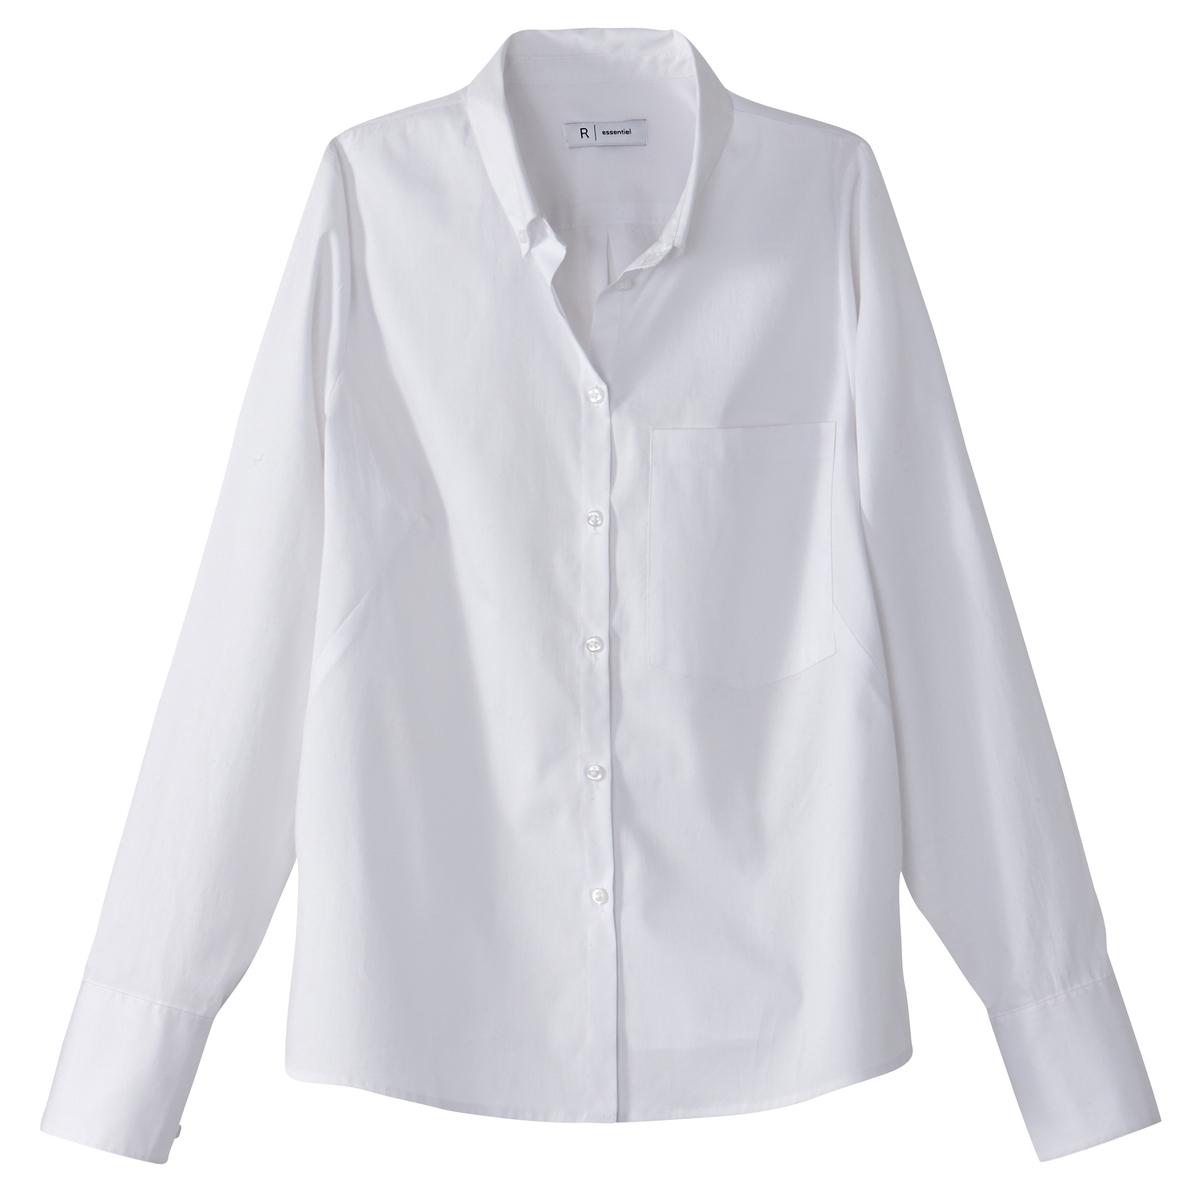 Рубашка хлопковая с длинными рукавамиДетали •  Длинные рукава  •  Прямой покрой  •  Воротник-поло, рубашечный  •  Кончики воротника на пуговицах Состав и уход • 99% хлопка, 1% эластана   •  Температура стирки 30°   •  Сухая чистка и отбеливание запрещены    • Барабанная сушка на слабом режиме       •  Низкая температура глажки<br><br>Цвет: белый<br>Размер: 46 (FR) - 52 (RUS).44 (FR) - 50 (RUS).42 (FR) - 48 (RUS)